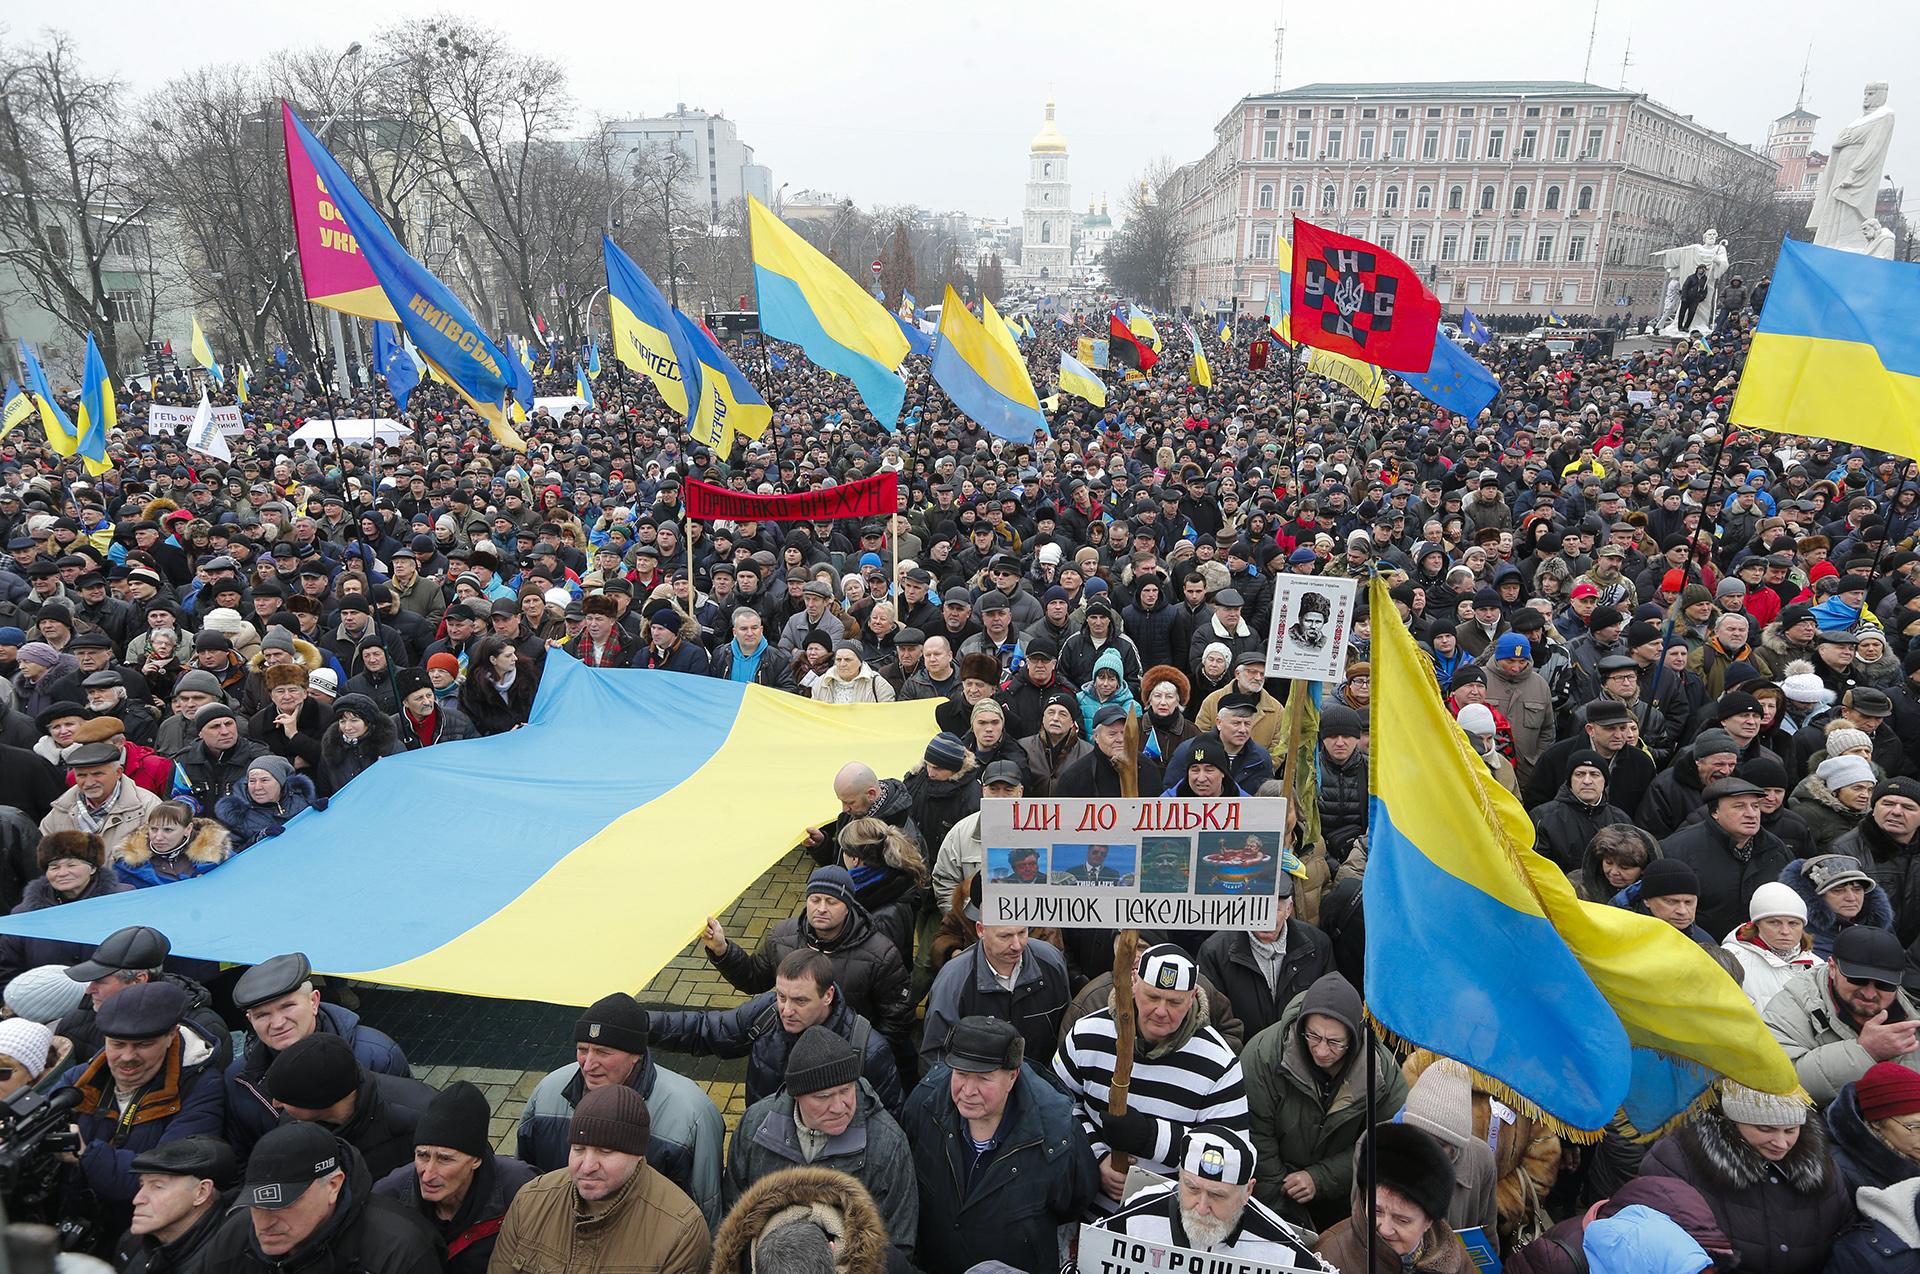 Tisuće prosvjednika traže smjenu ukrajinskog predsjednika Petra Porošenka